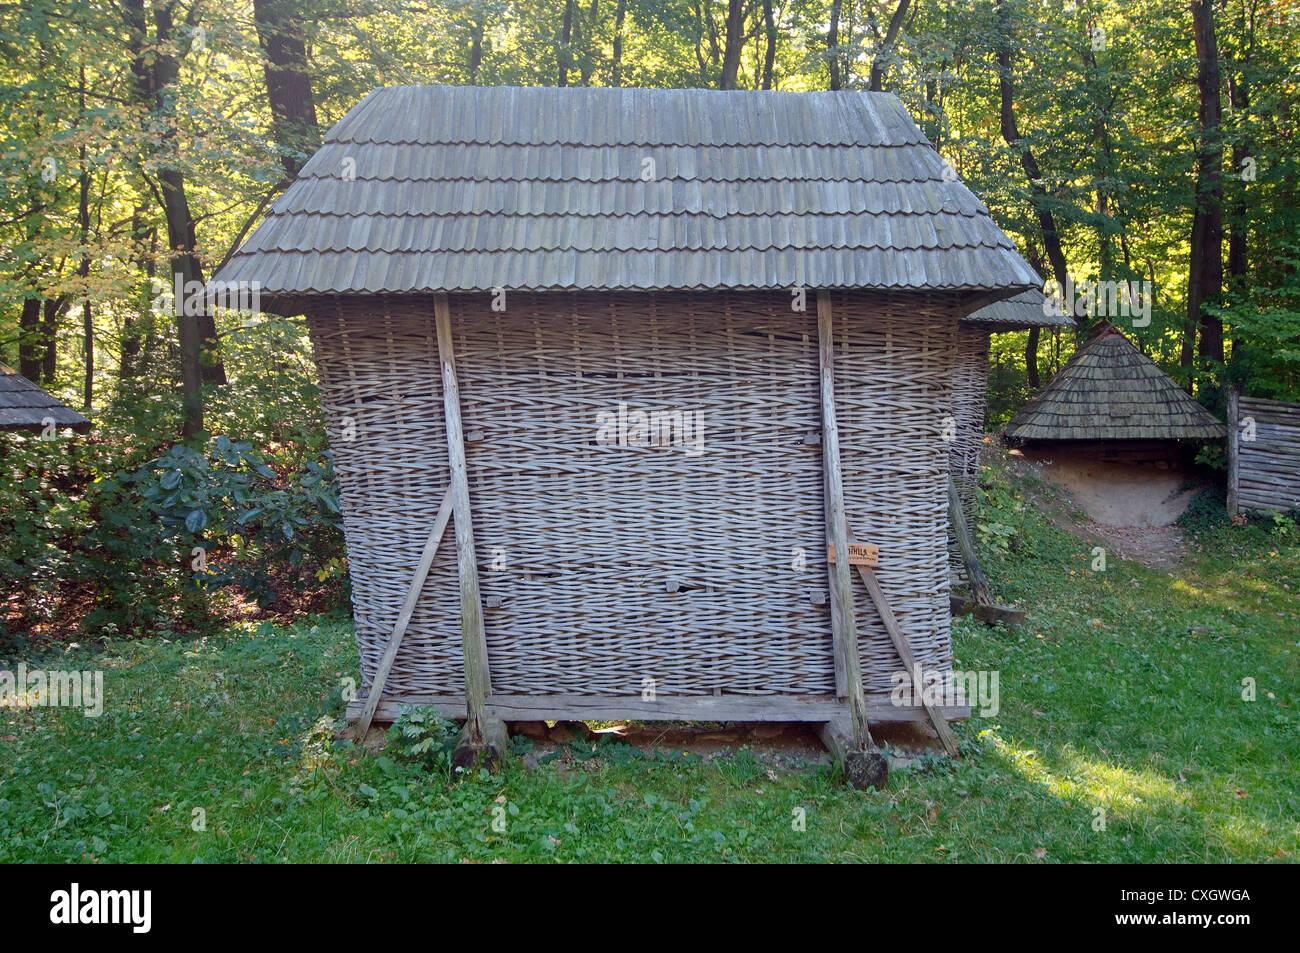 drying for corn ears, Lviv, Ukraine, Eastern Europe - Stock Image